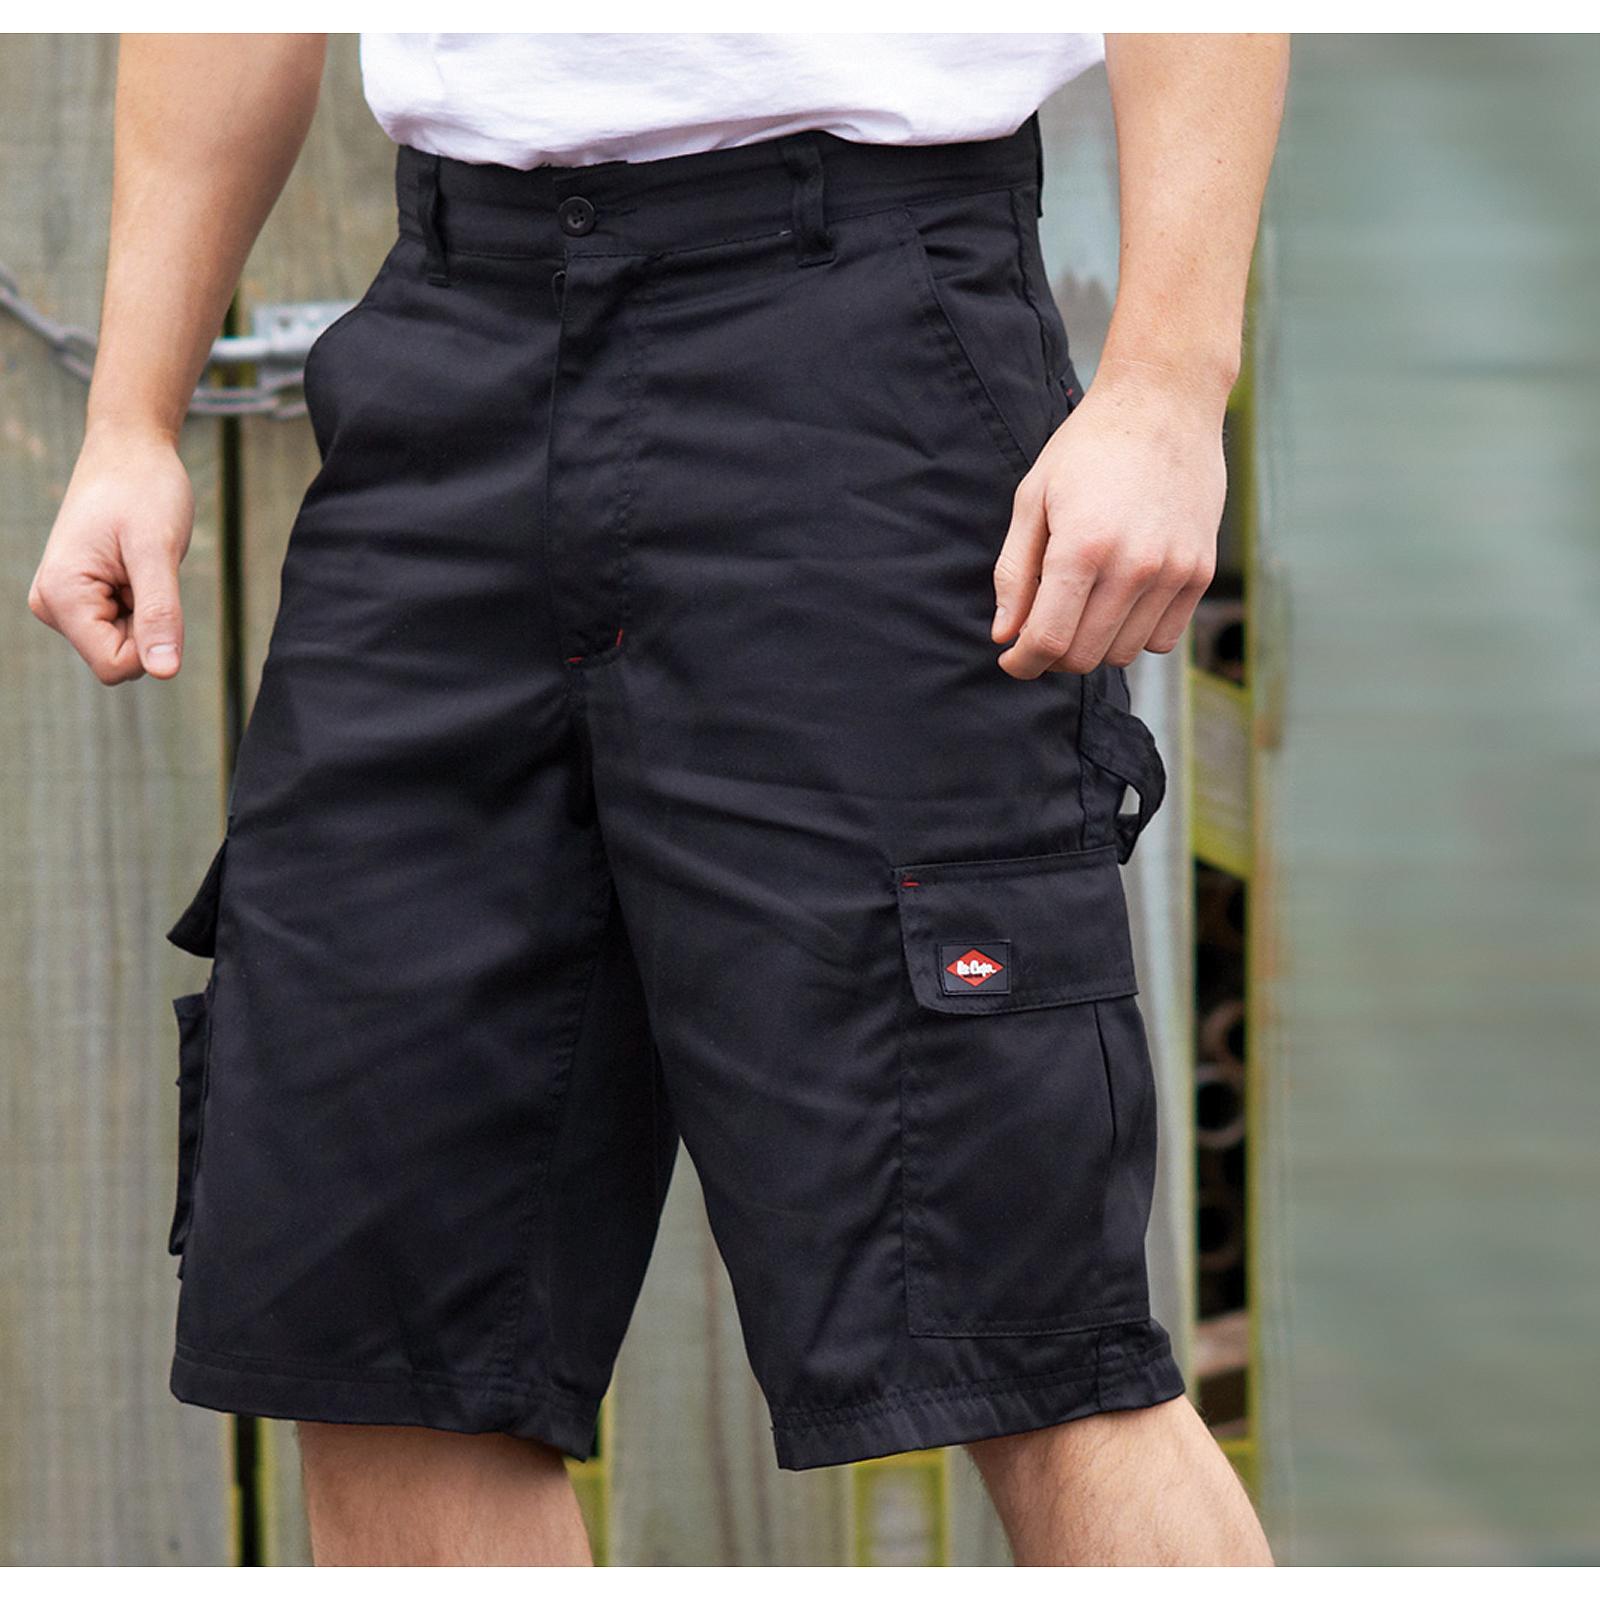 Bermuda Cargo da Uomo Abbigliamento specifico Abbigliamento Lee Cooper